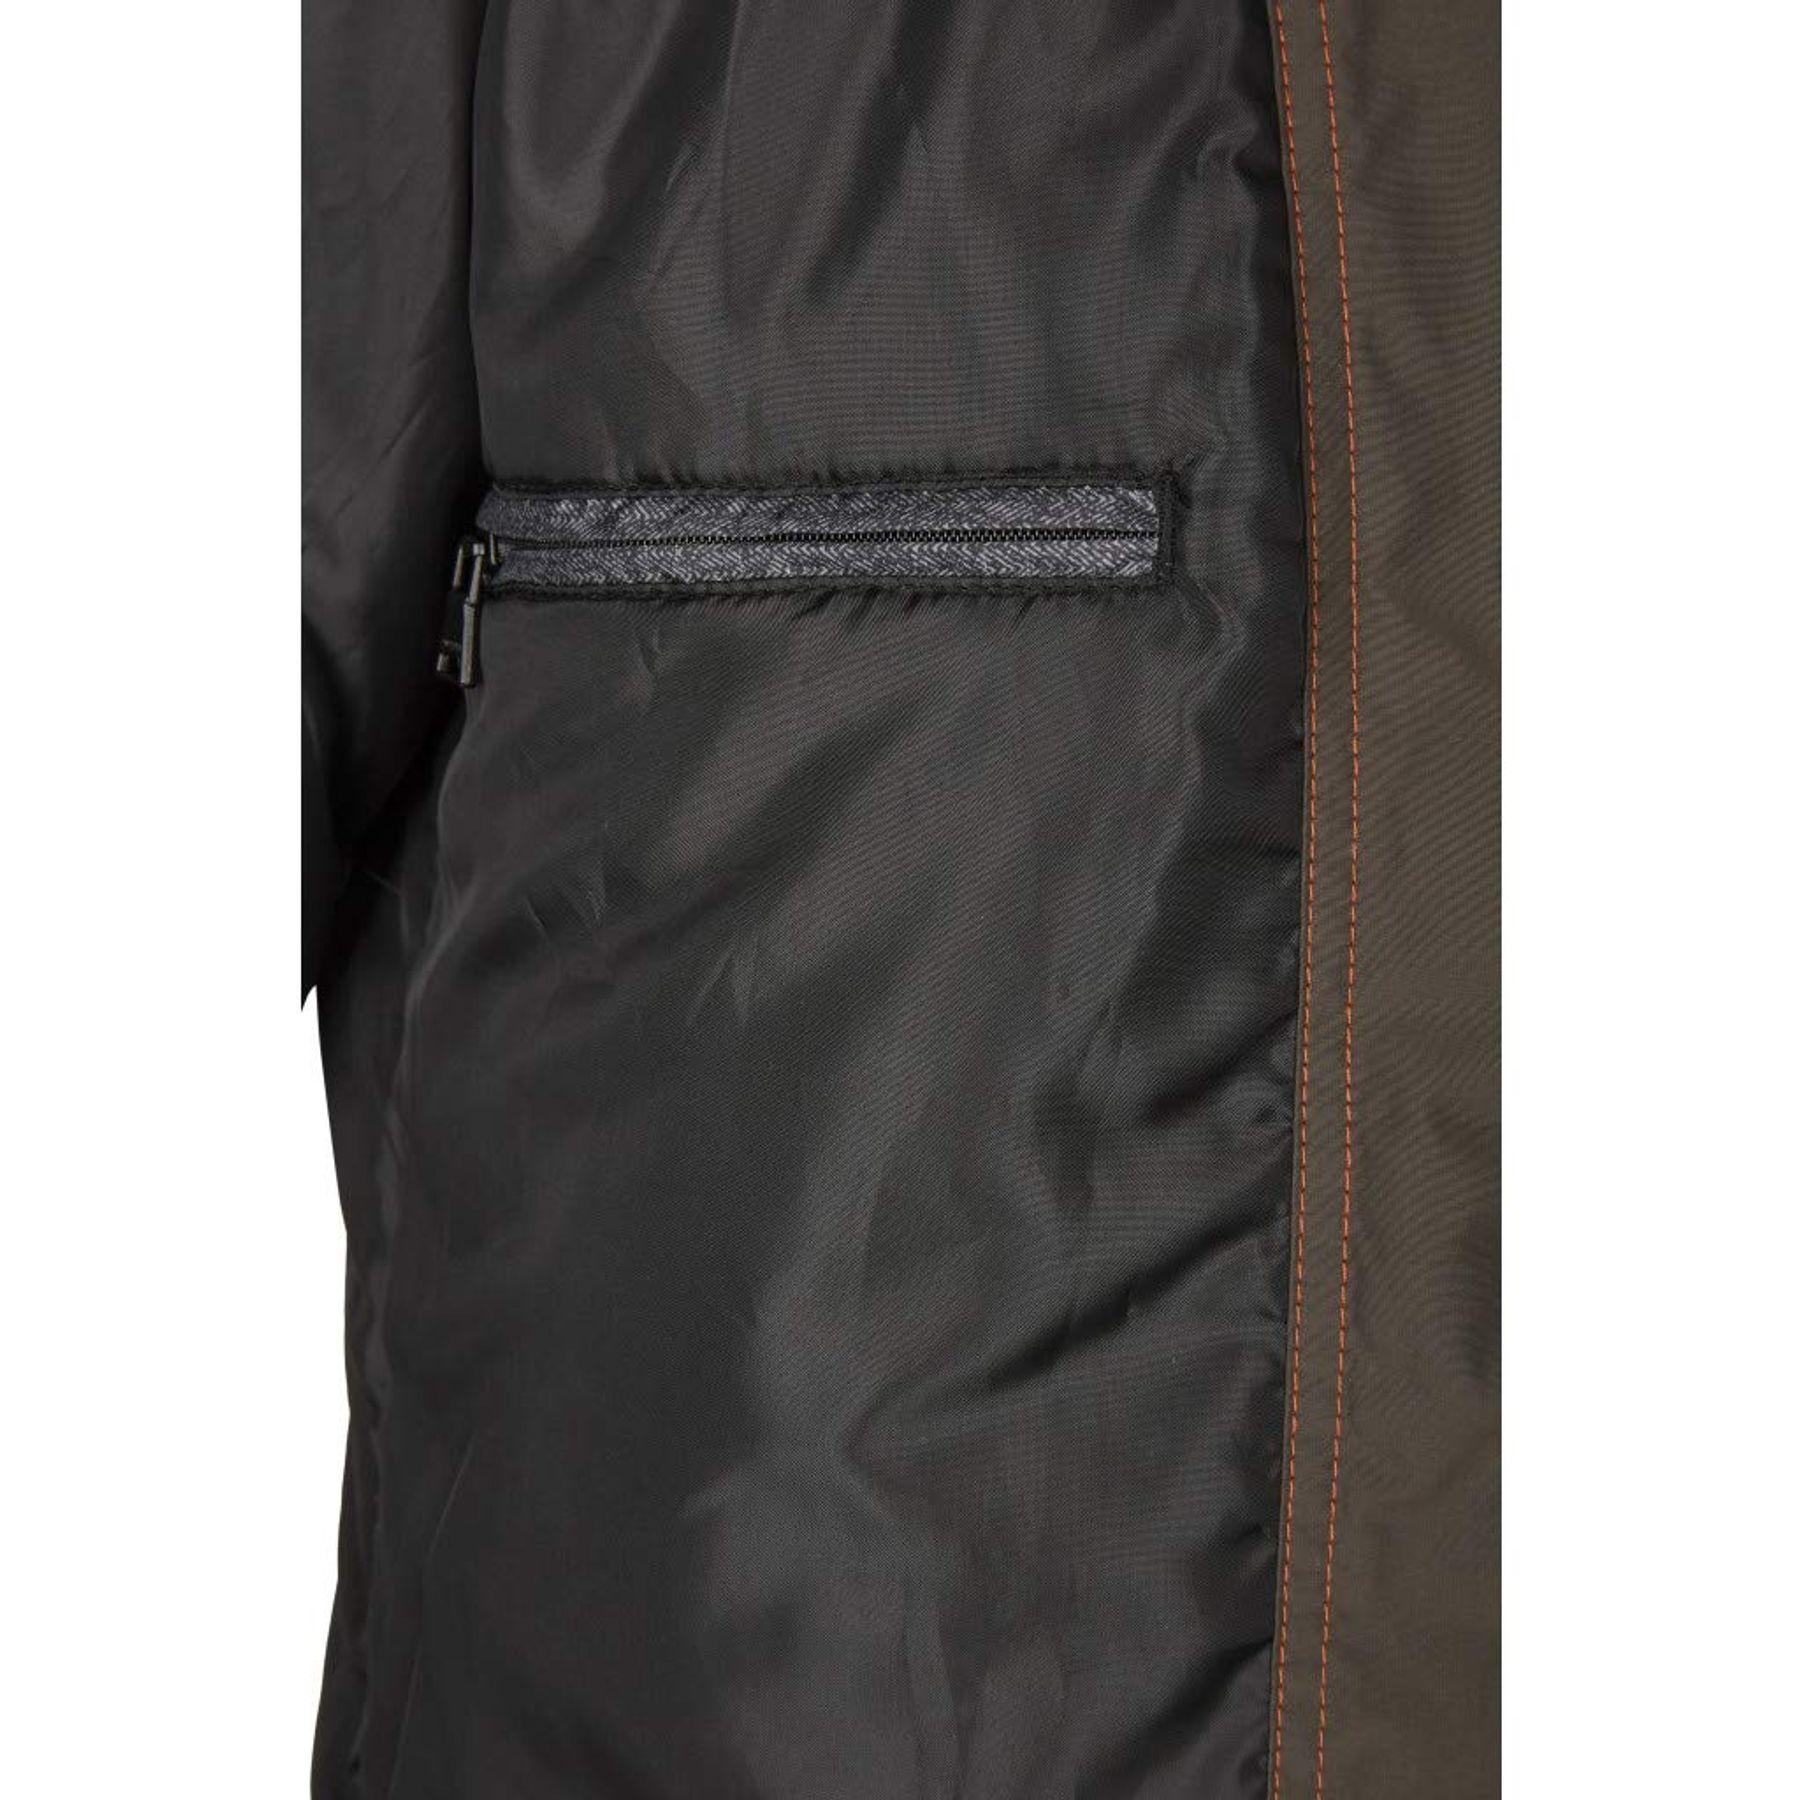 Calamar -  Herren Blouson Multi-Pocket-Jacke  (130750-8Q12) – Bild 4